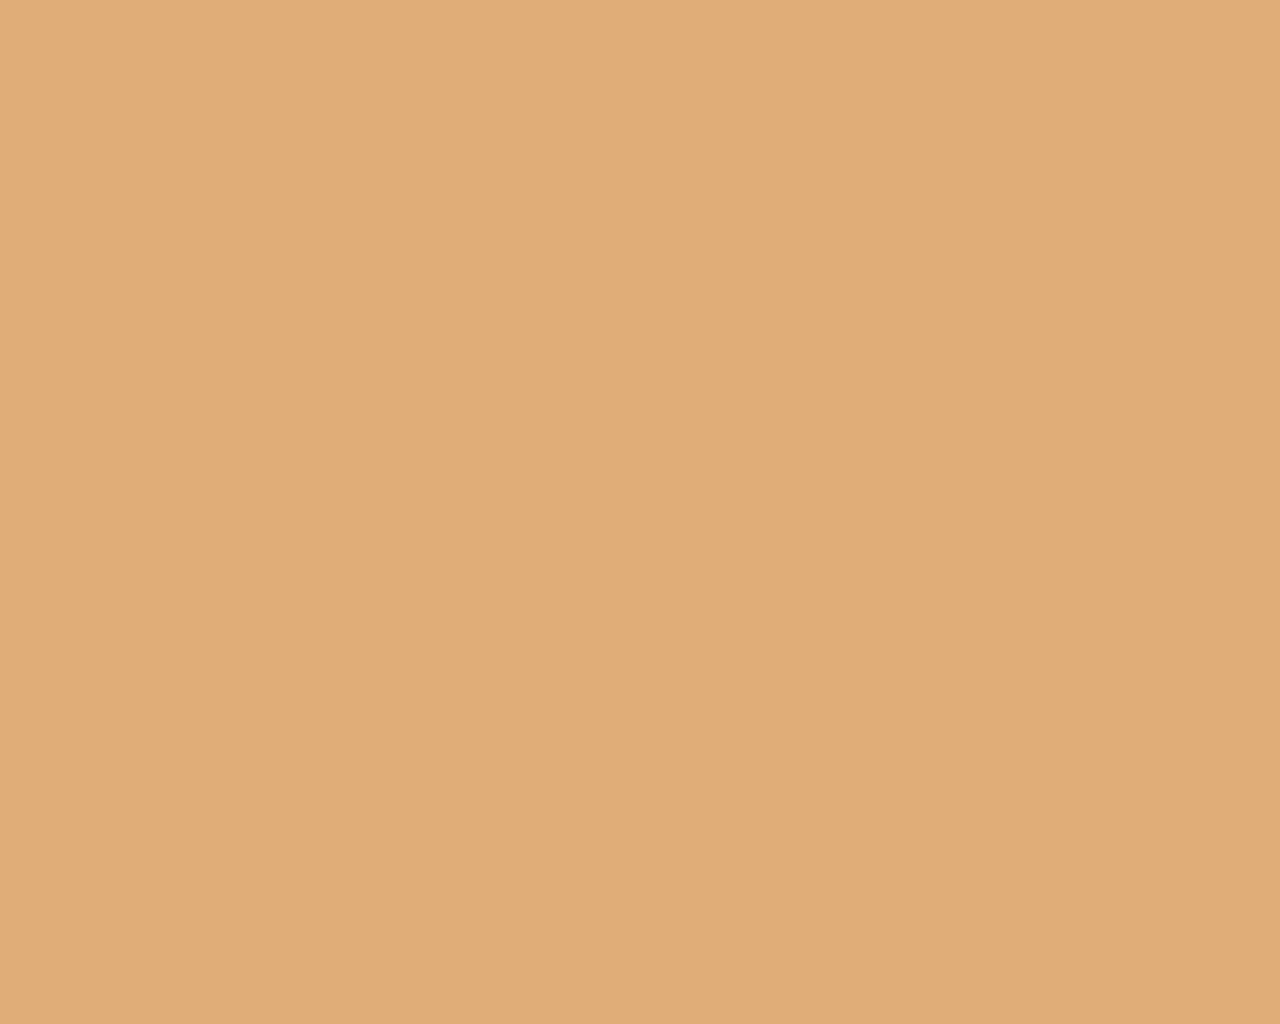 06c33 peanut butter crown trade paints british standard - Crown exterior wood paint colours ...